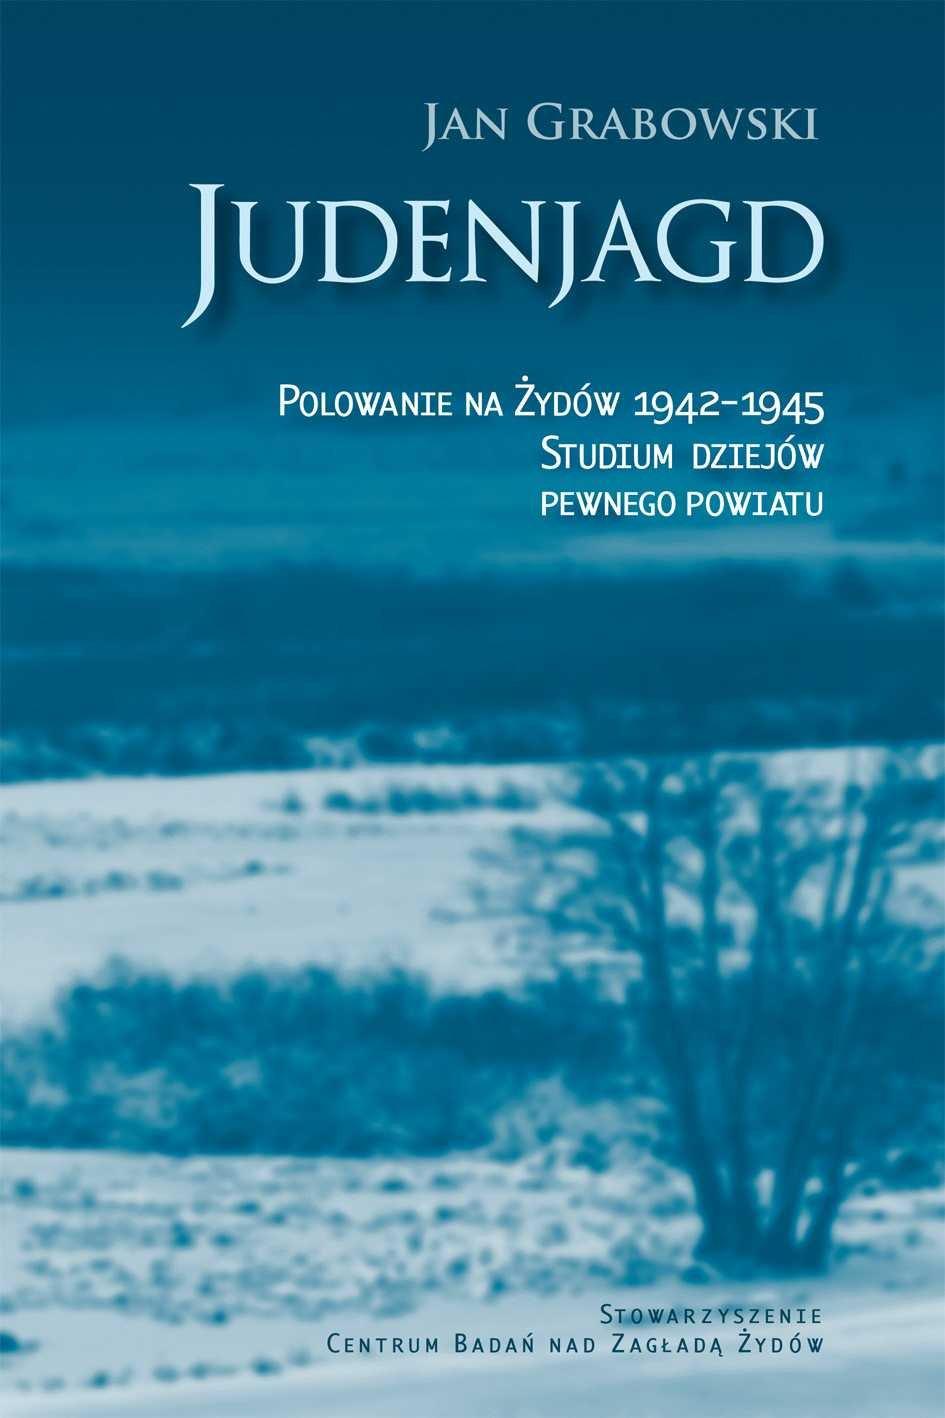 Judenjagd. Polowanie na Żydów 1942-1945. Studium dziejów pewnego powiatu - Ebook (Książka EPUB) do pobrania w formacie EPUB